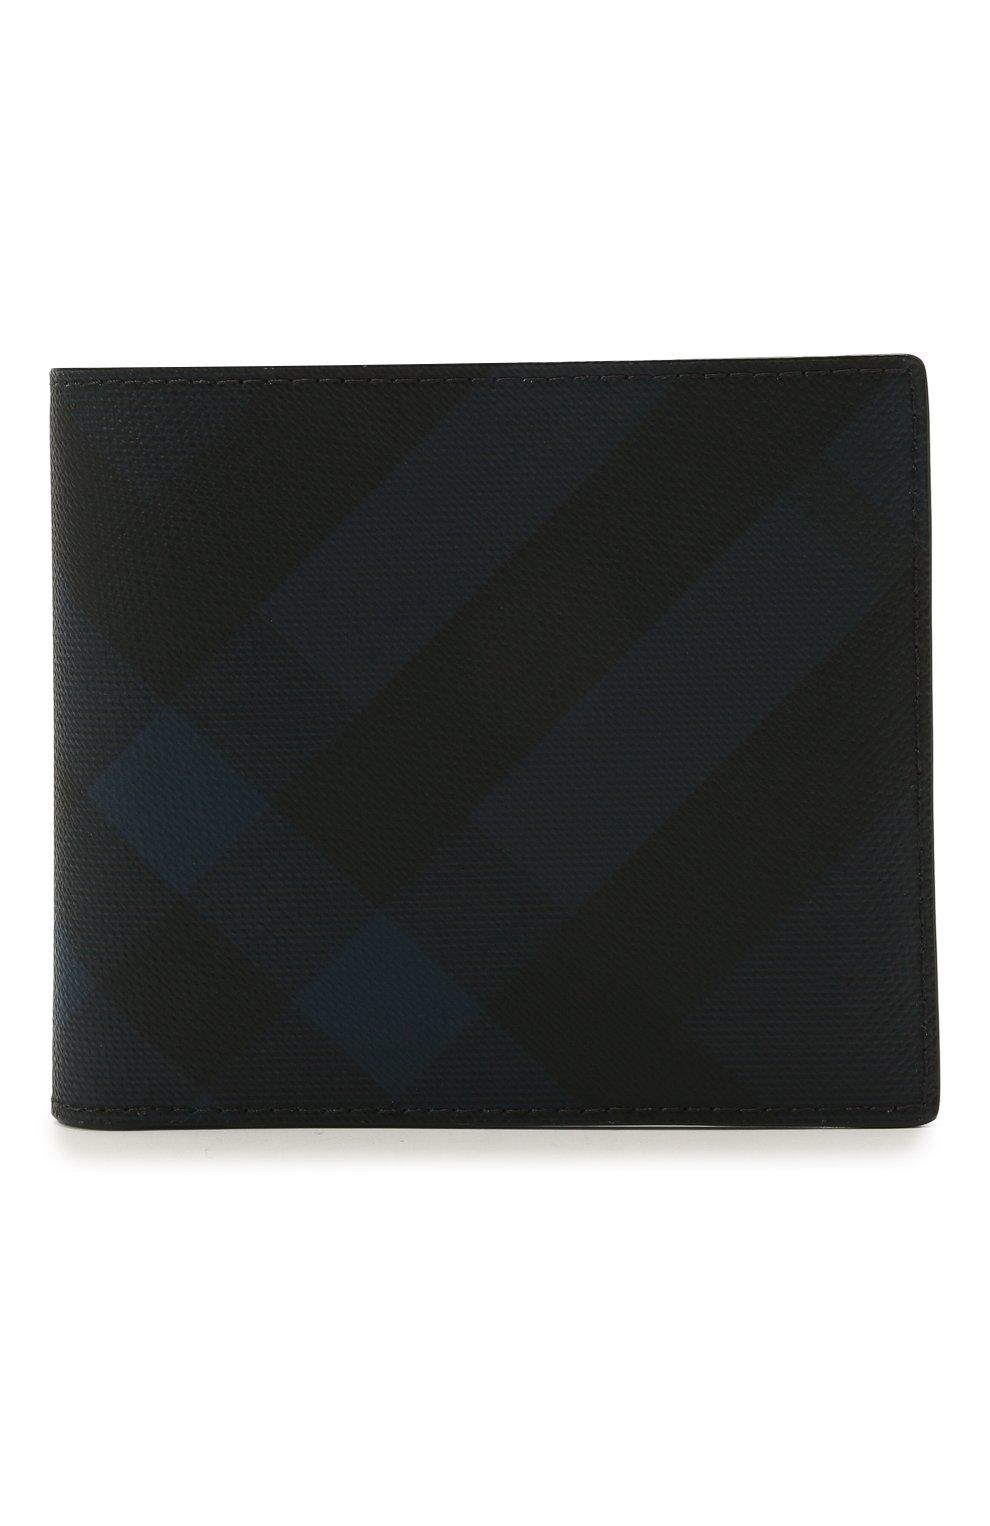 Мужской портмоне BURBERRY синего цвета, арт. 8022943   Фото 1 (Материал: Текстиль, Экокожа)